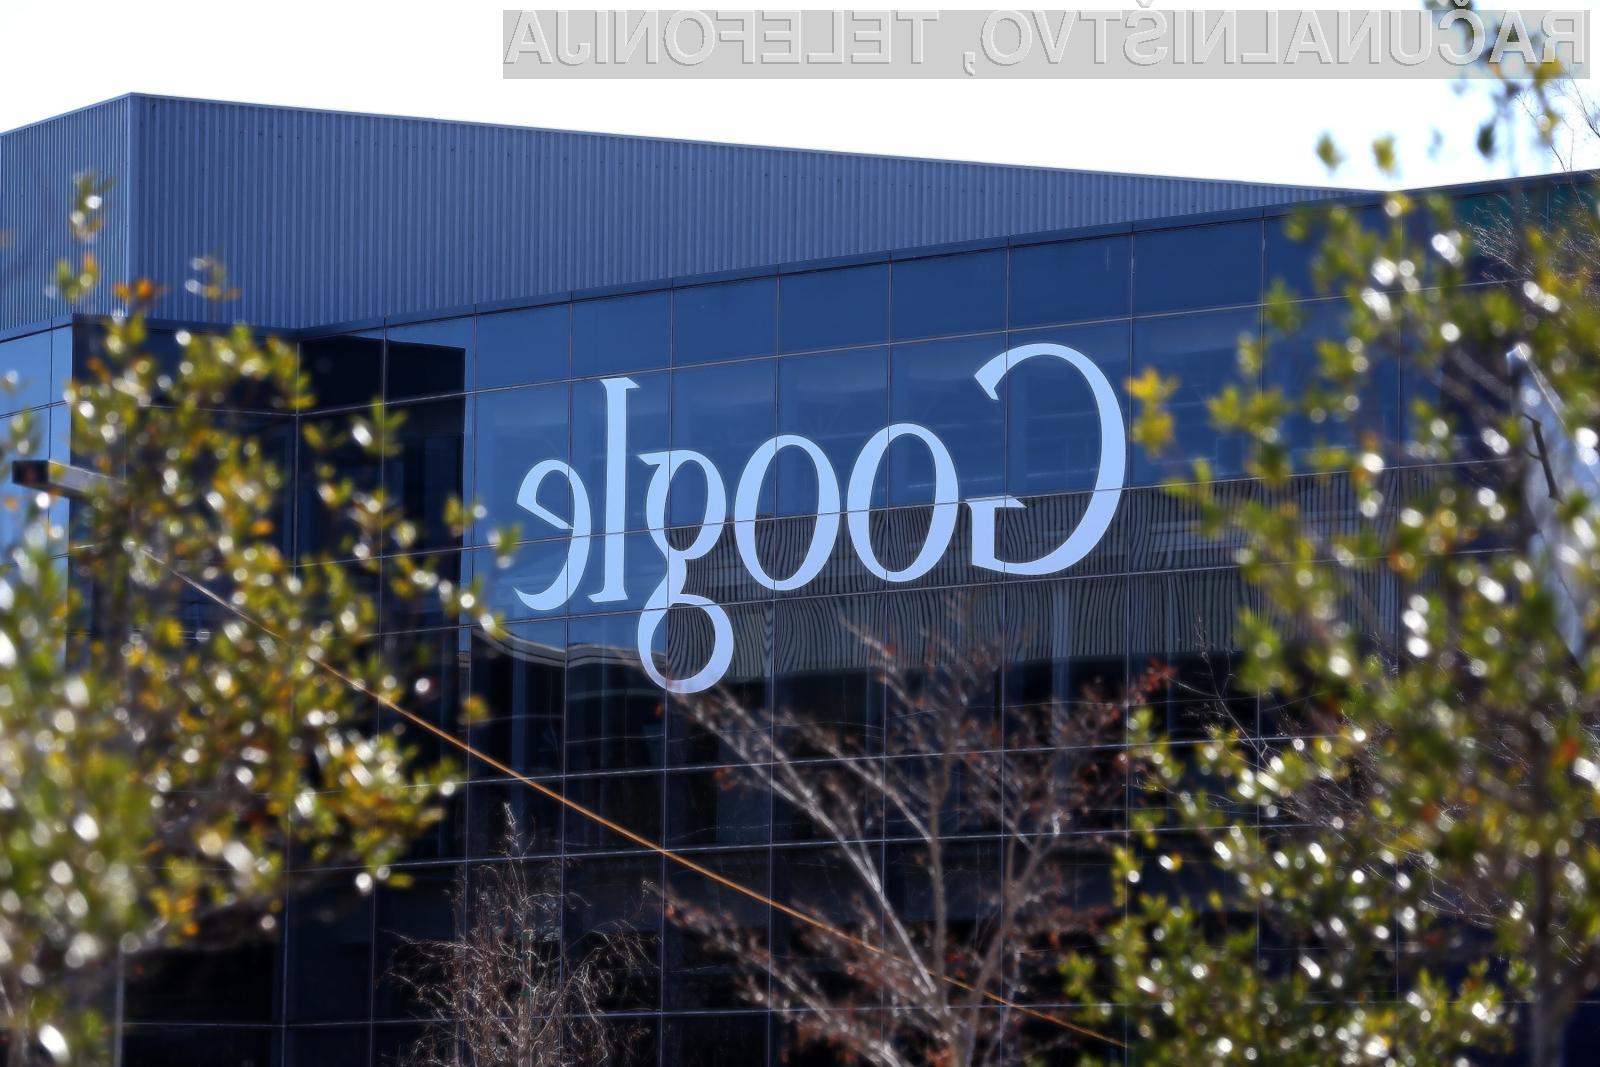 Podjetje Google bo kljub pritožbi odpravilo vse nepravilnosti, ugotovljene s strani evropske komisije.